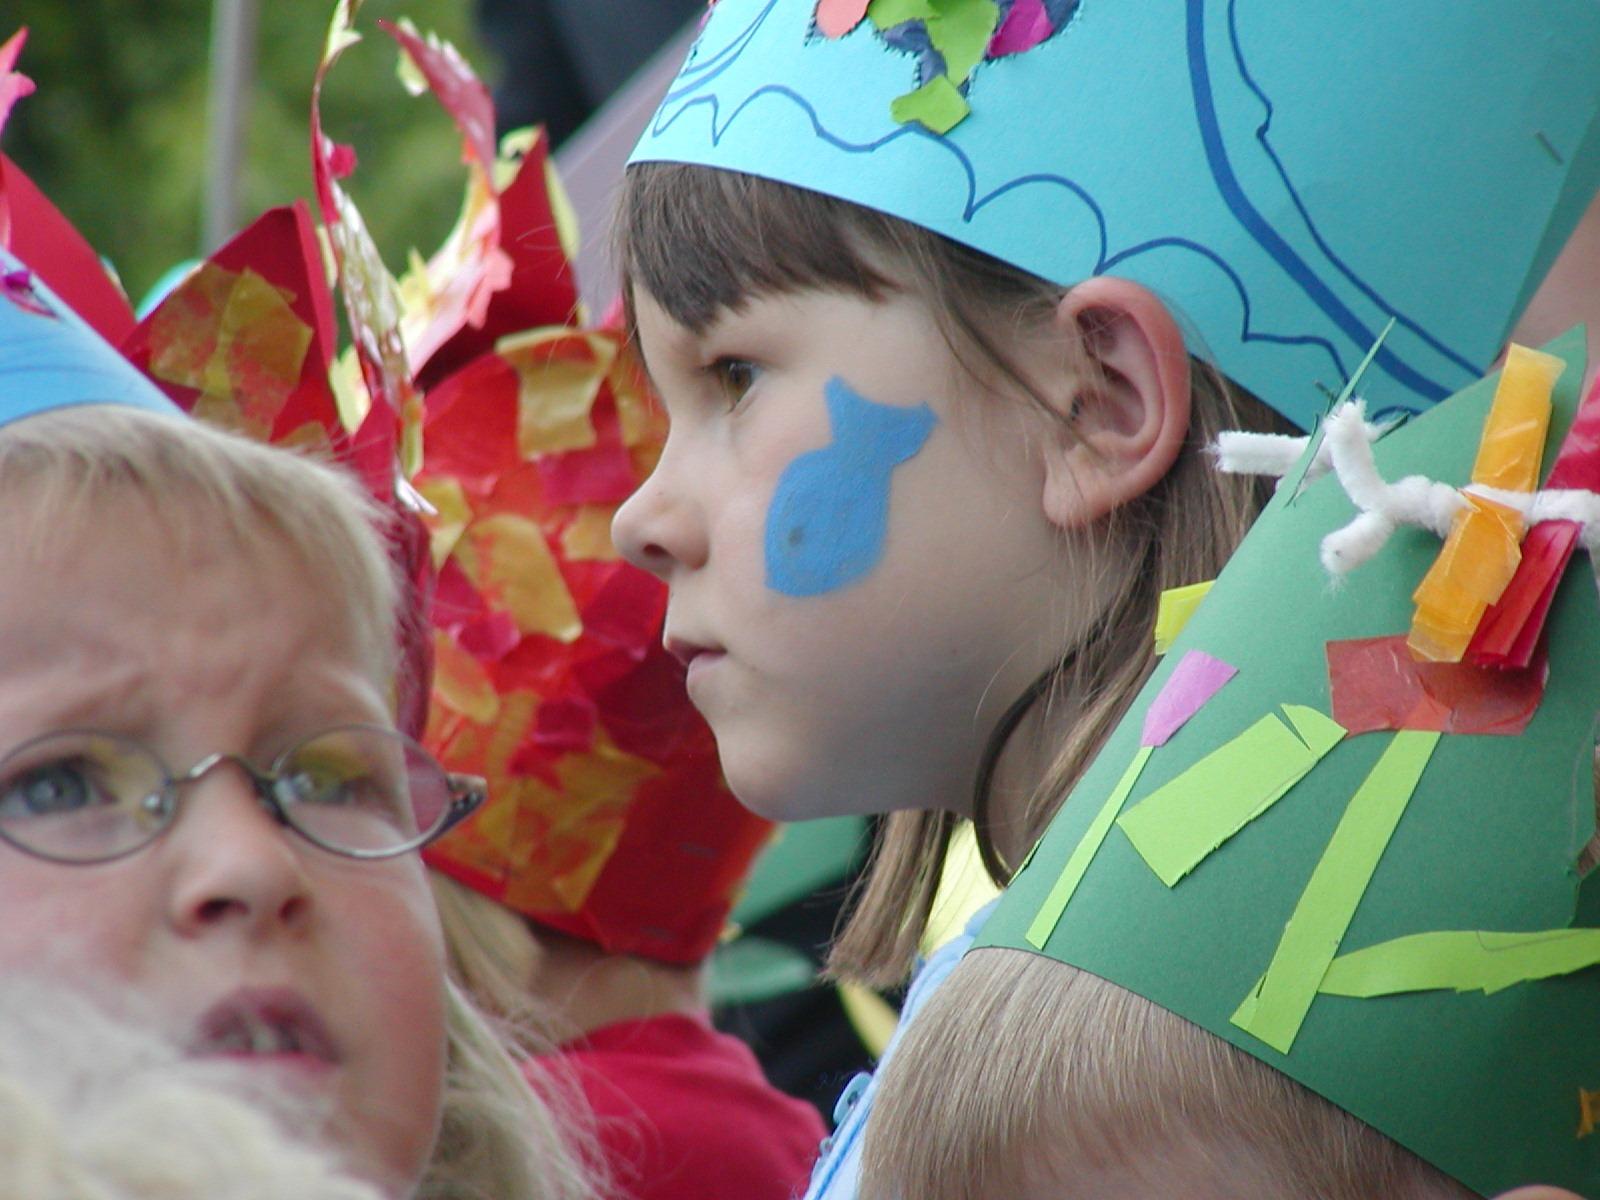 jugar color niño festival niños disfraz 3ee69cca72f